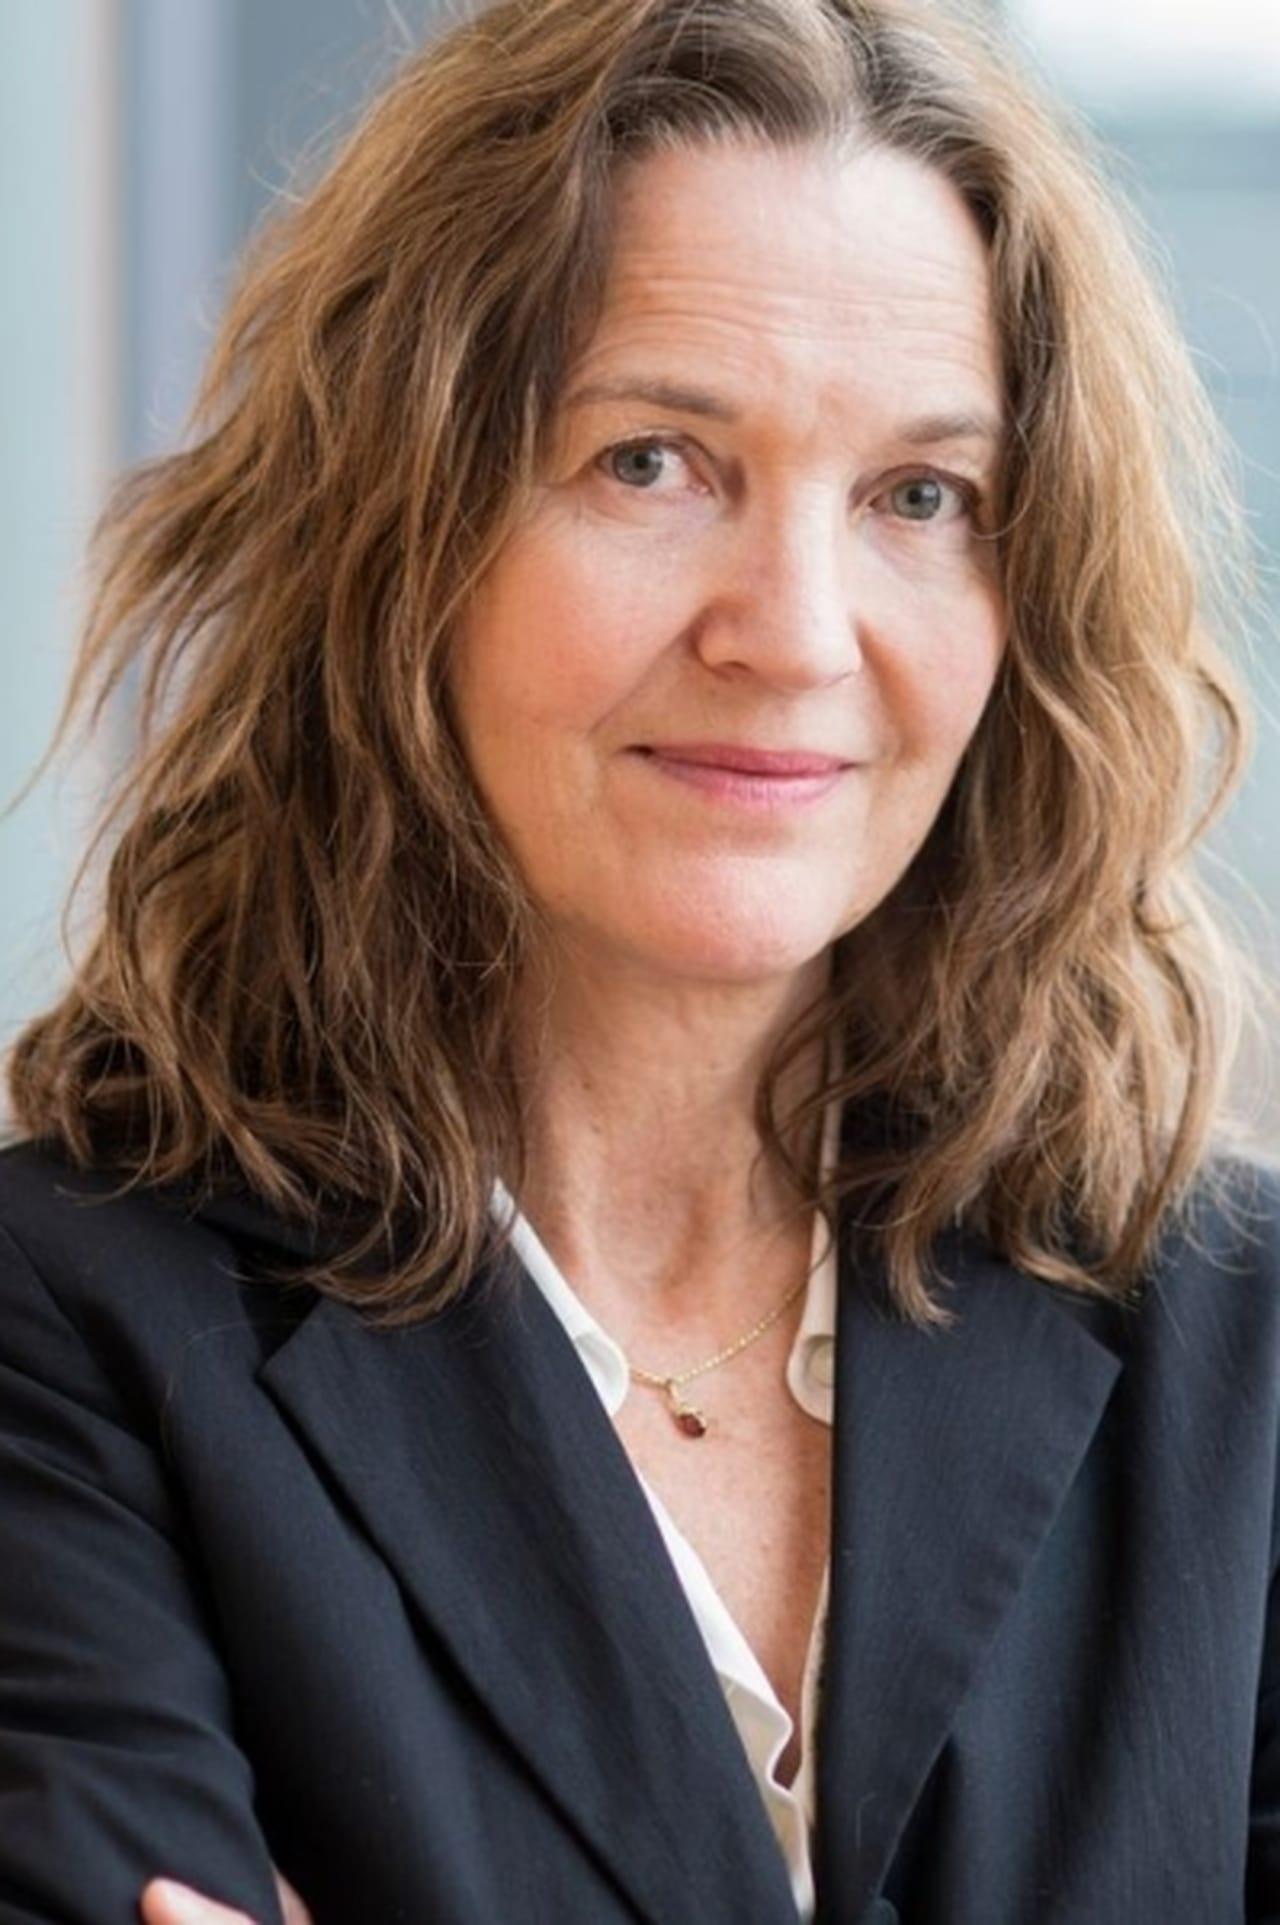 Irina Eidsvold Tøien